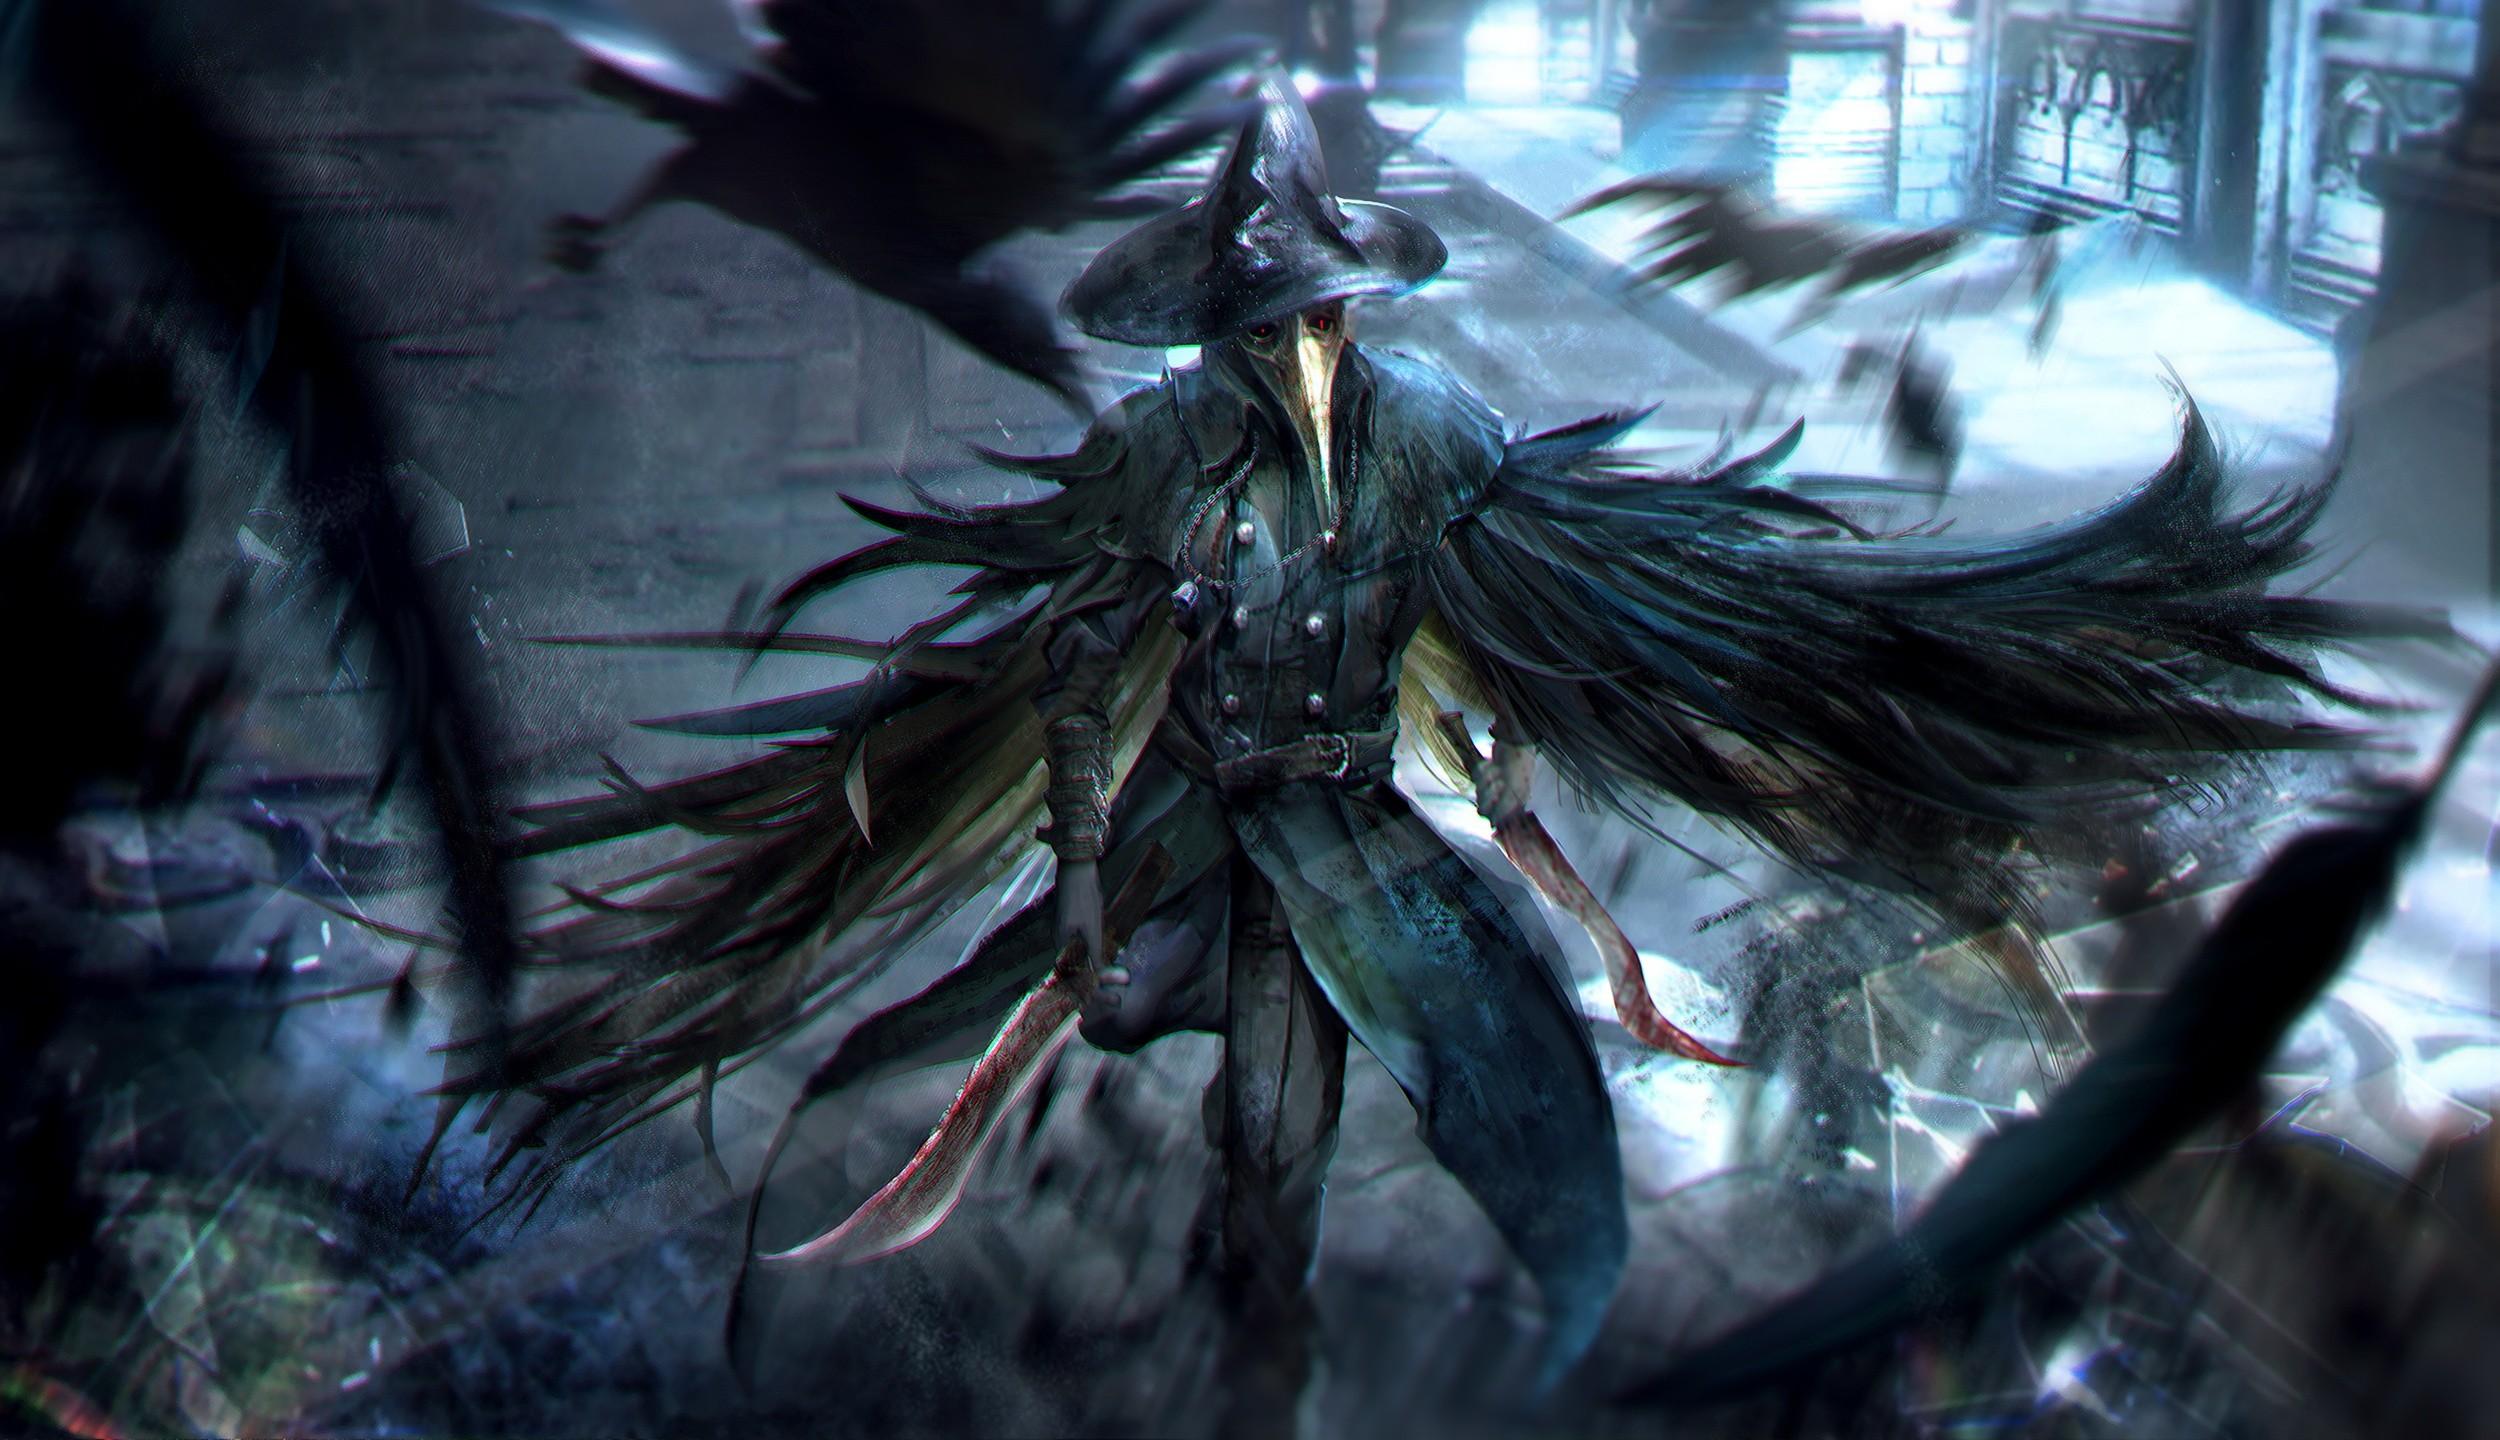 Bloodborne Eileen the Crow Game Art Wallpaper